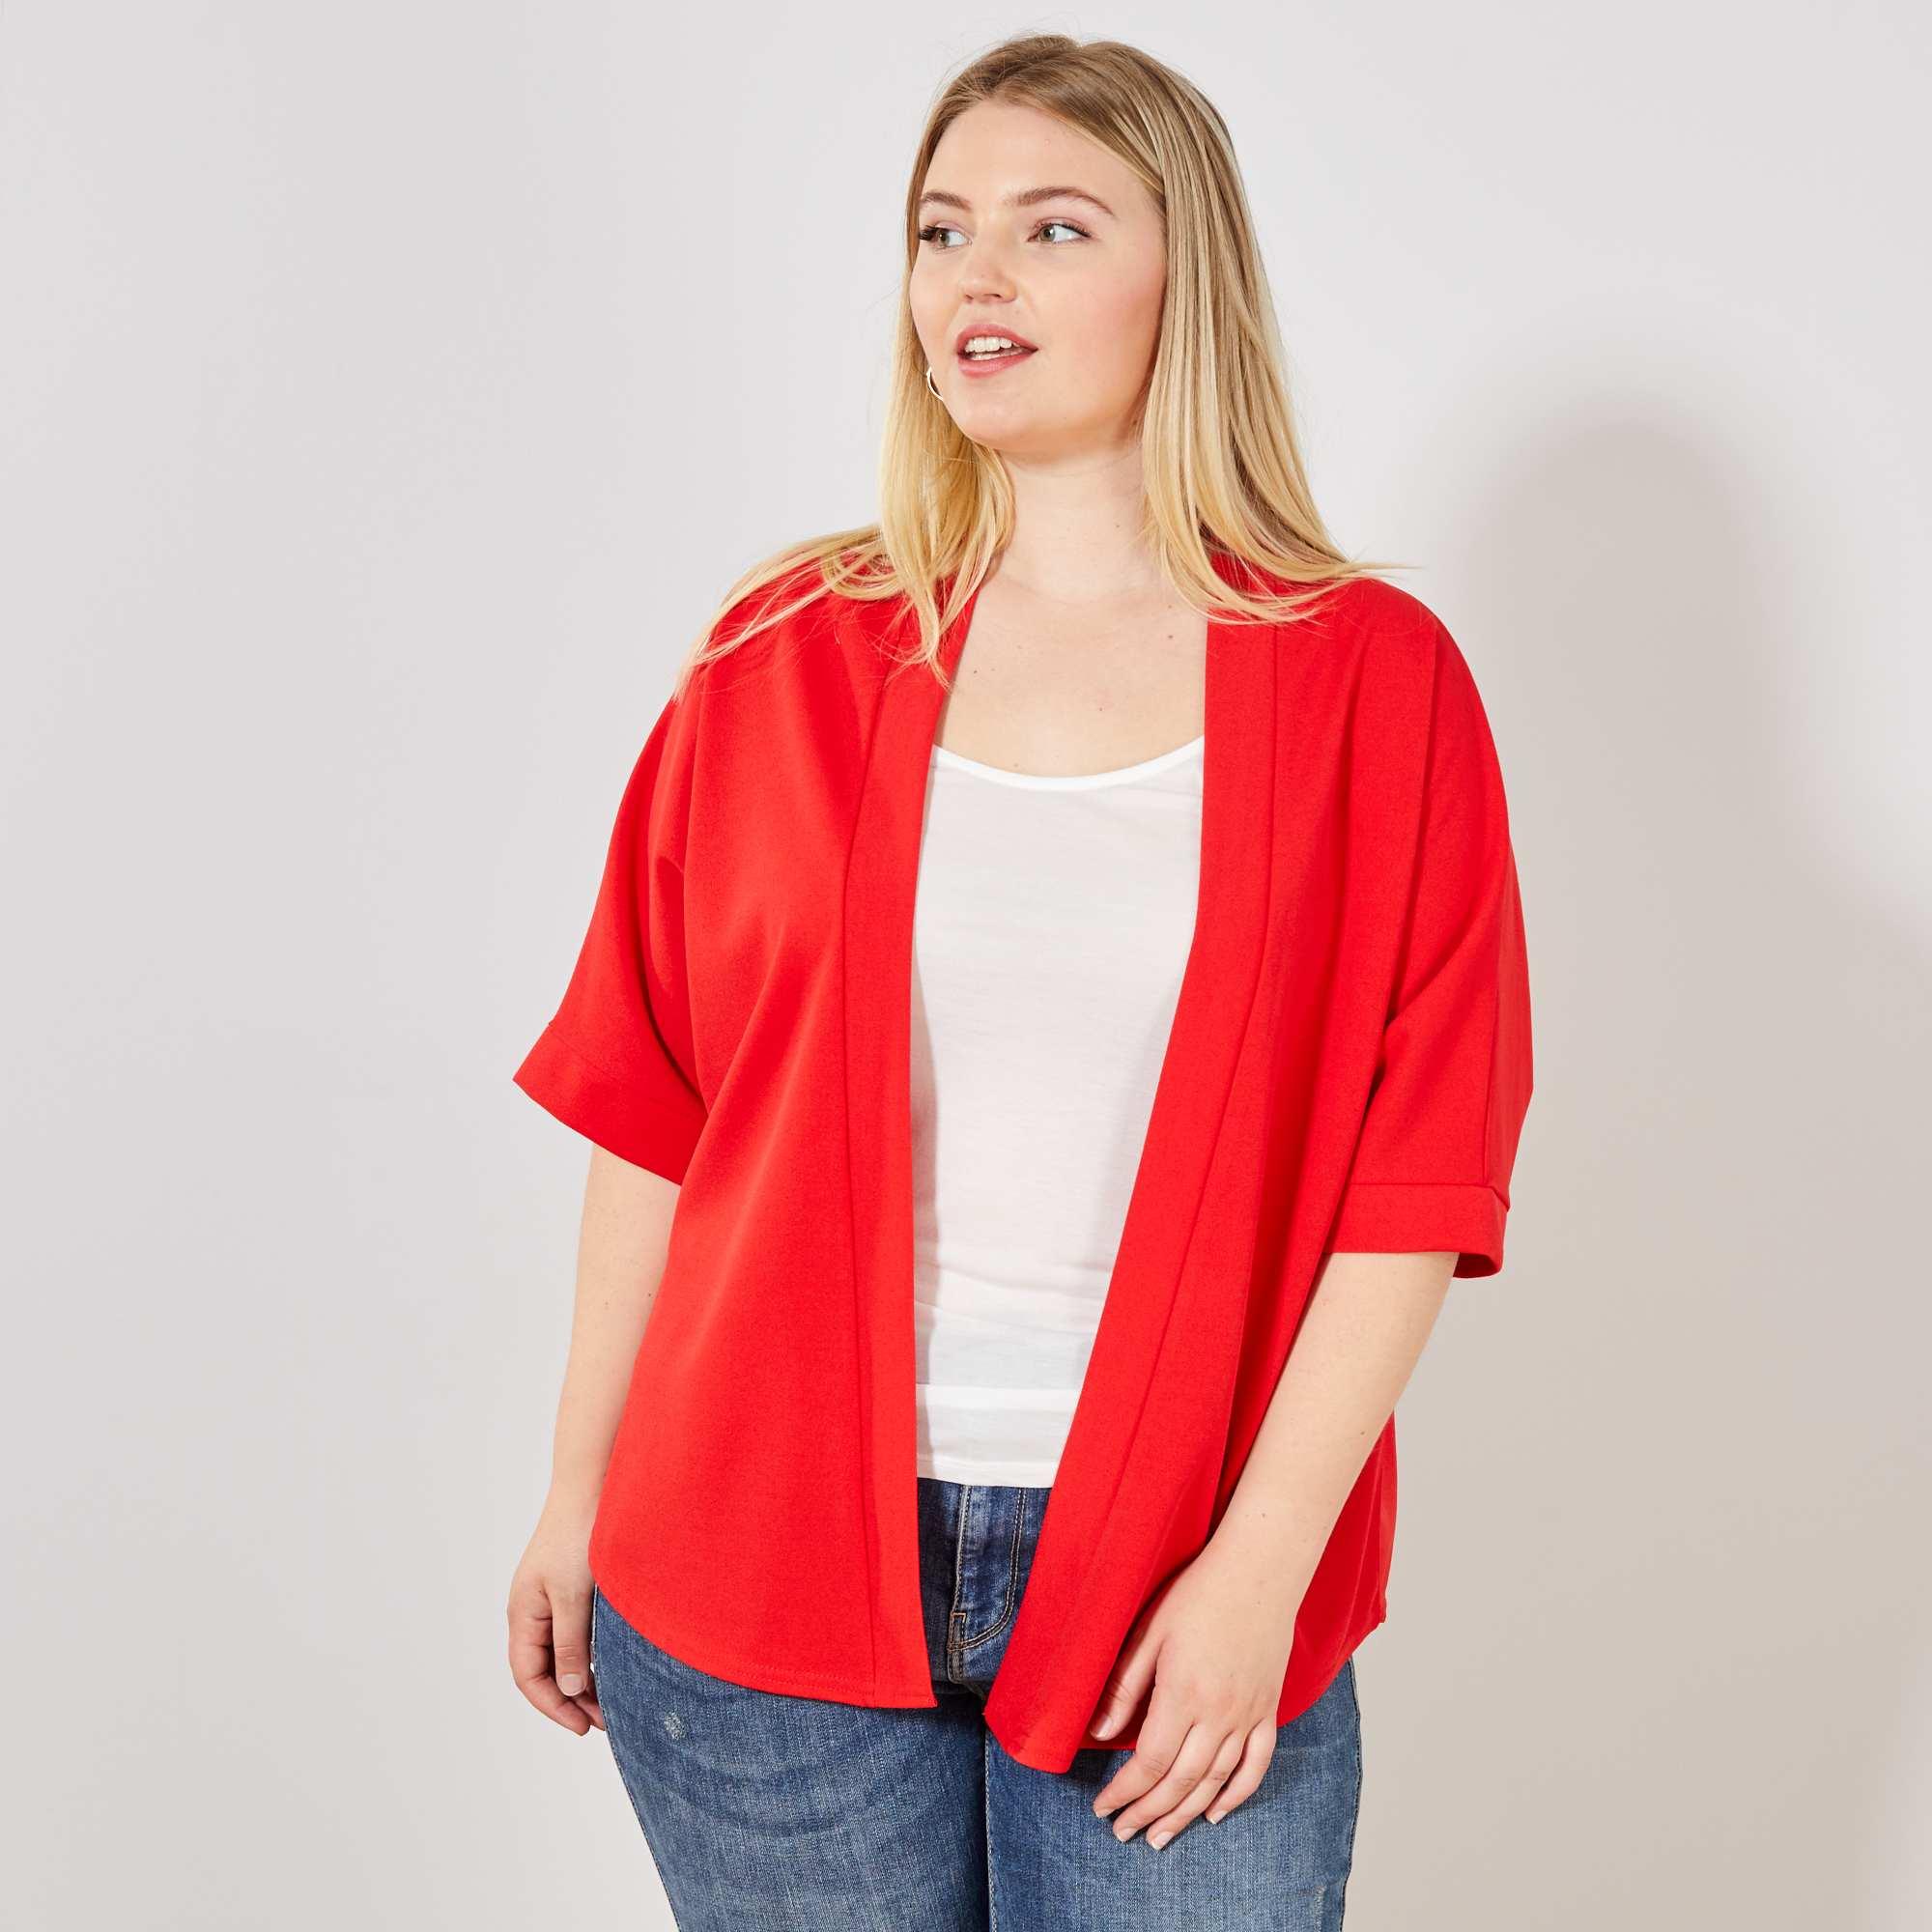 97002df5fec Chaqueta tipo kimono rojo Tallas grandes mujer. Loading zoom